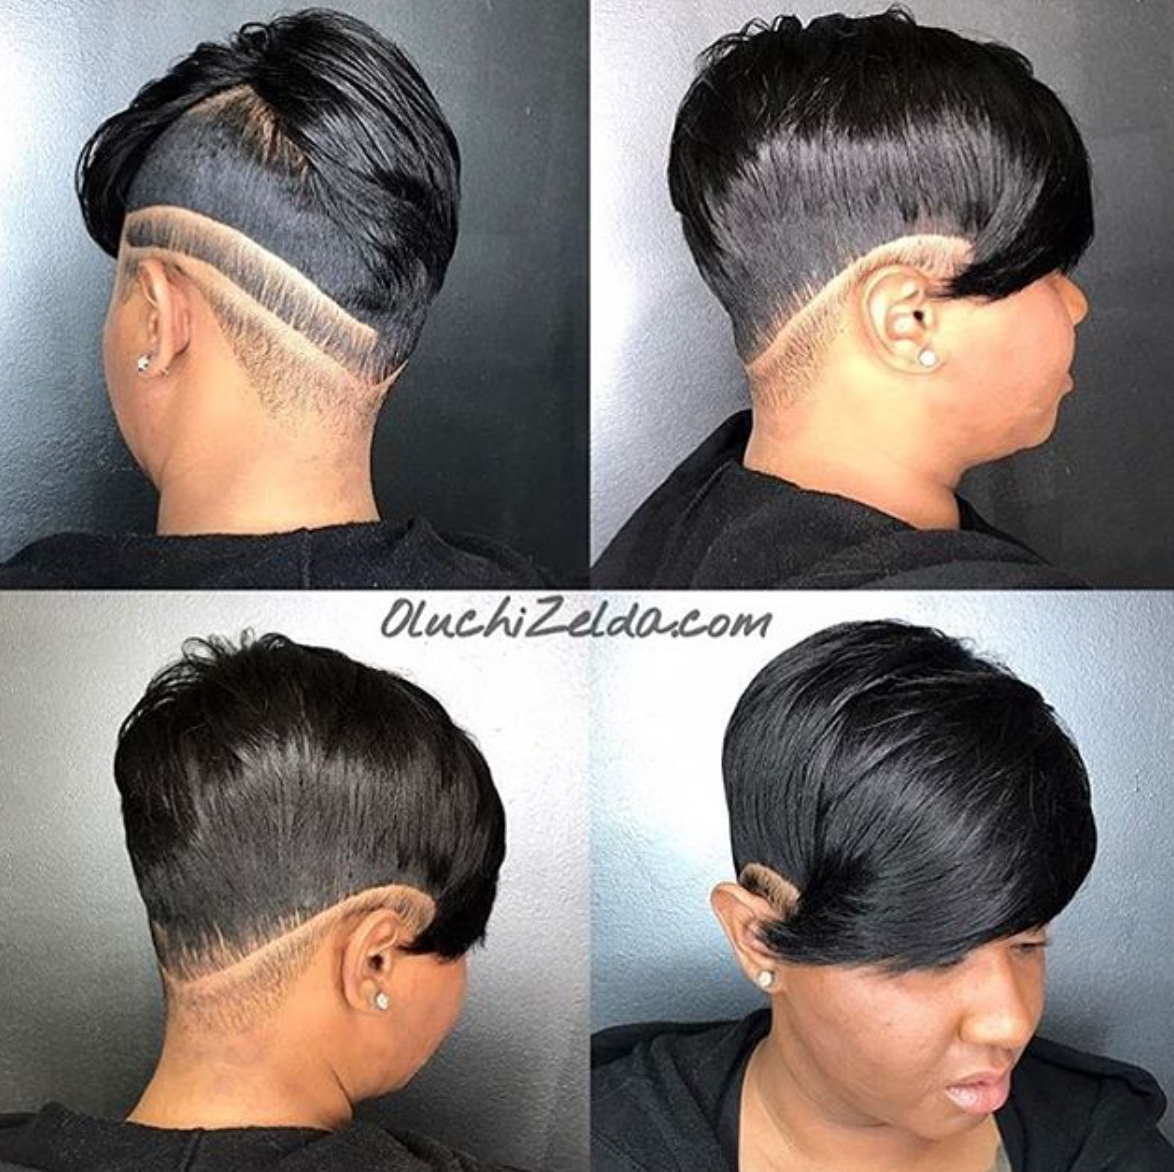 Dope cut oluchizelda blackhairinformationhairstyle